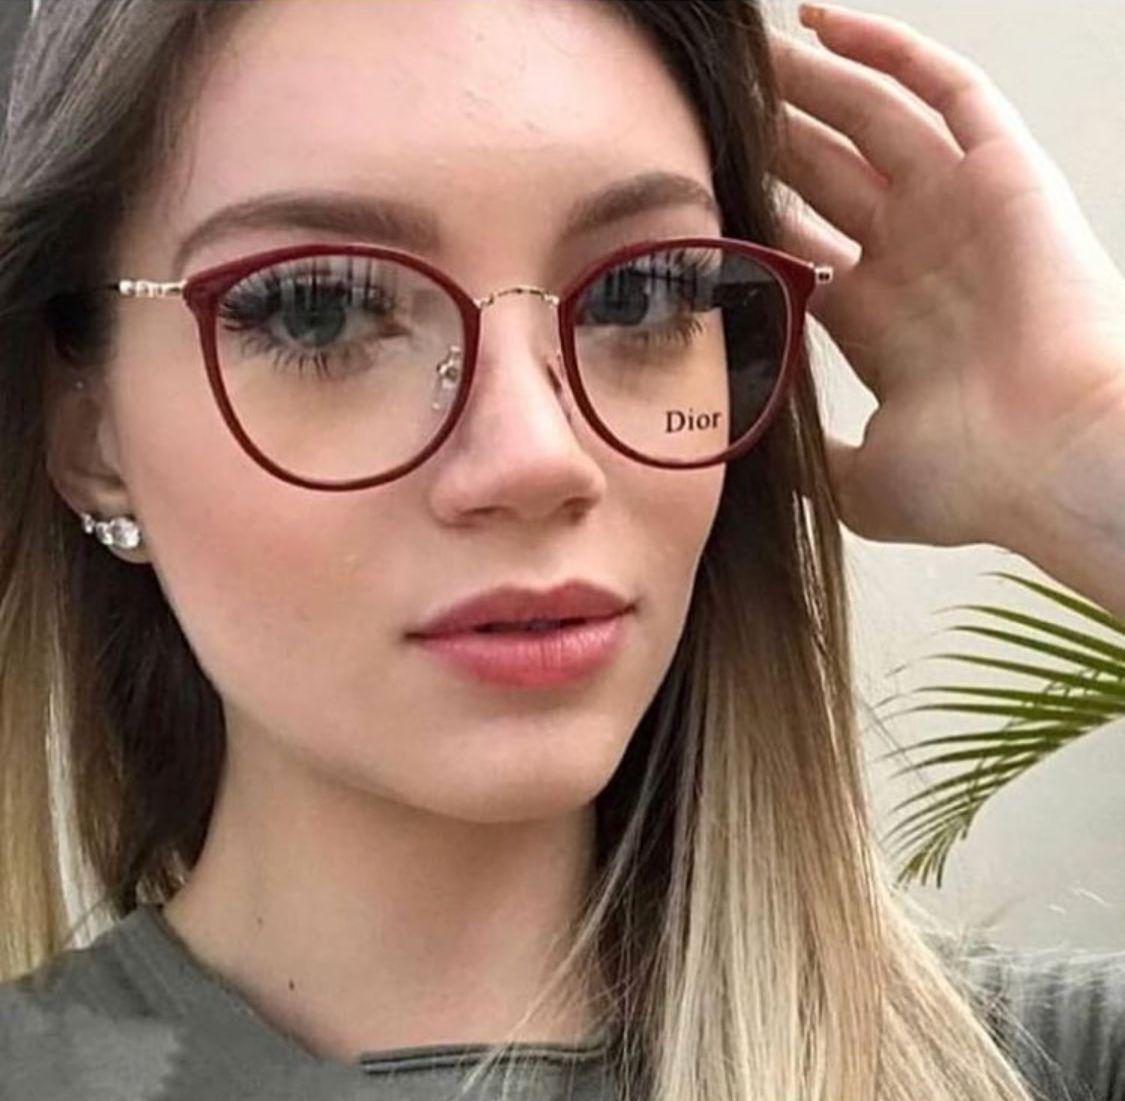 Pin De Danijela Em Glases Armacoes De Oculos Armacao De Oculos